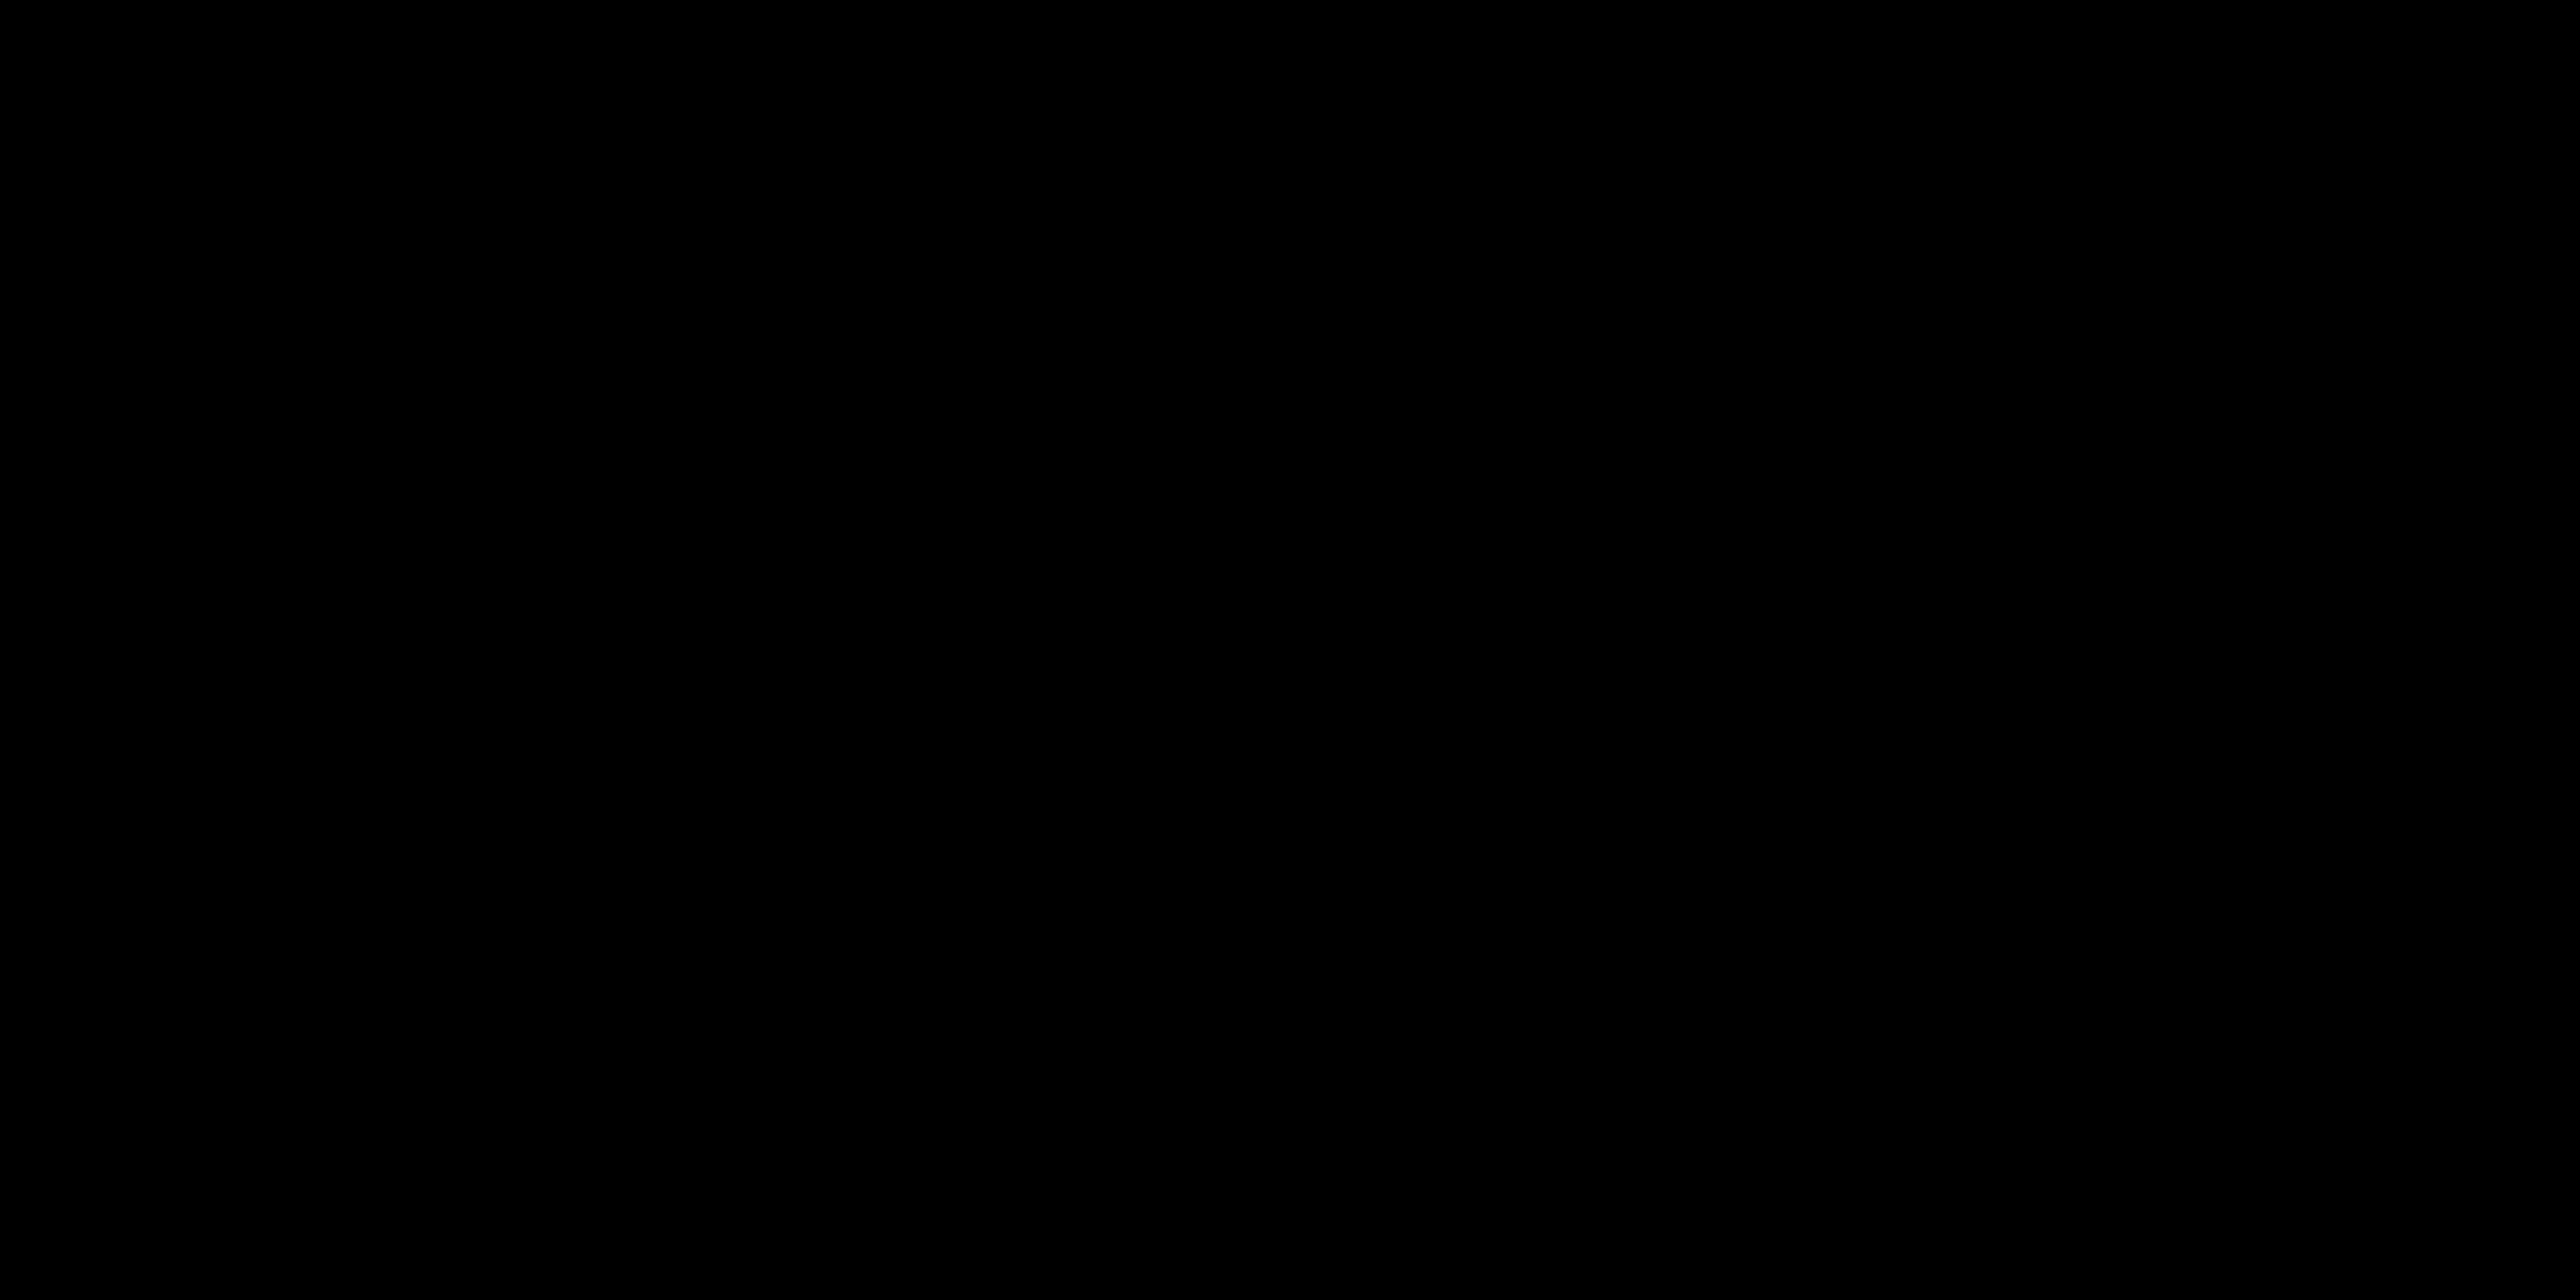 APS Named Best Community for Music Ed